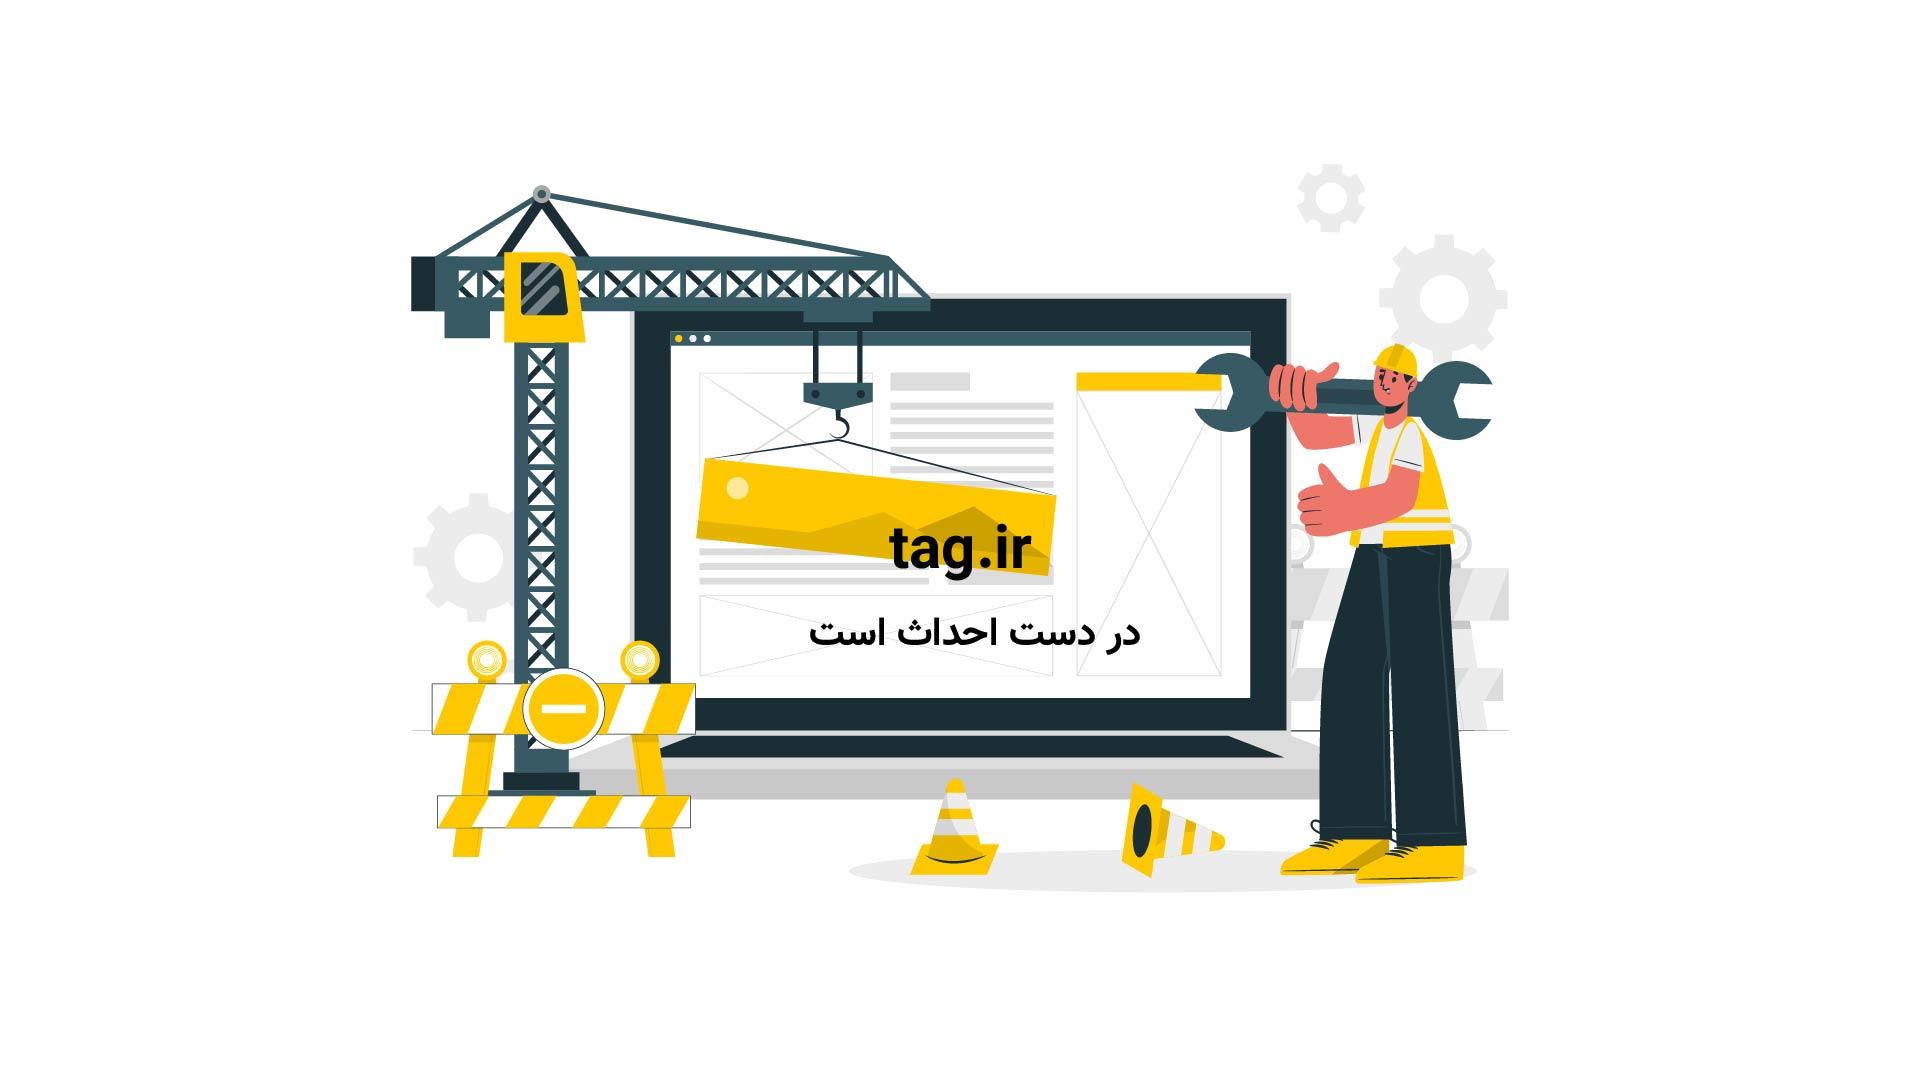 عاقبت ورود یوزپلنگ به محدوده بابونها | فیلم